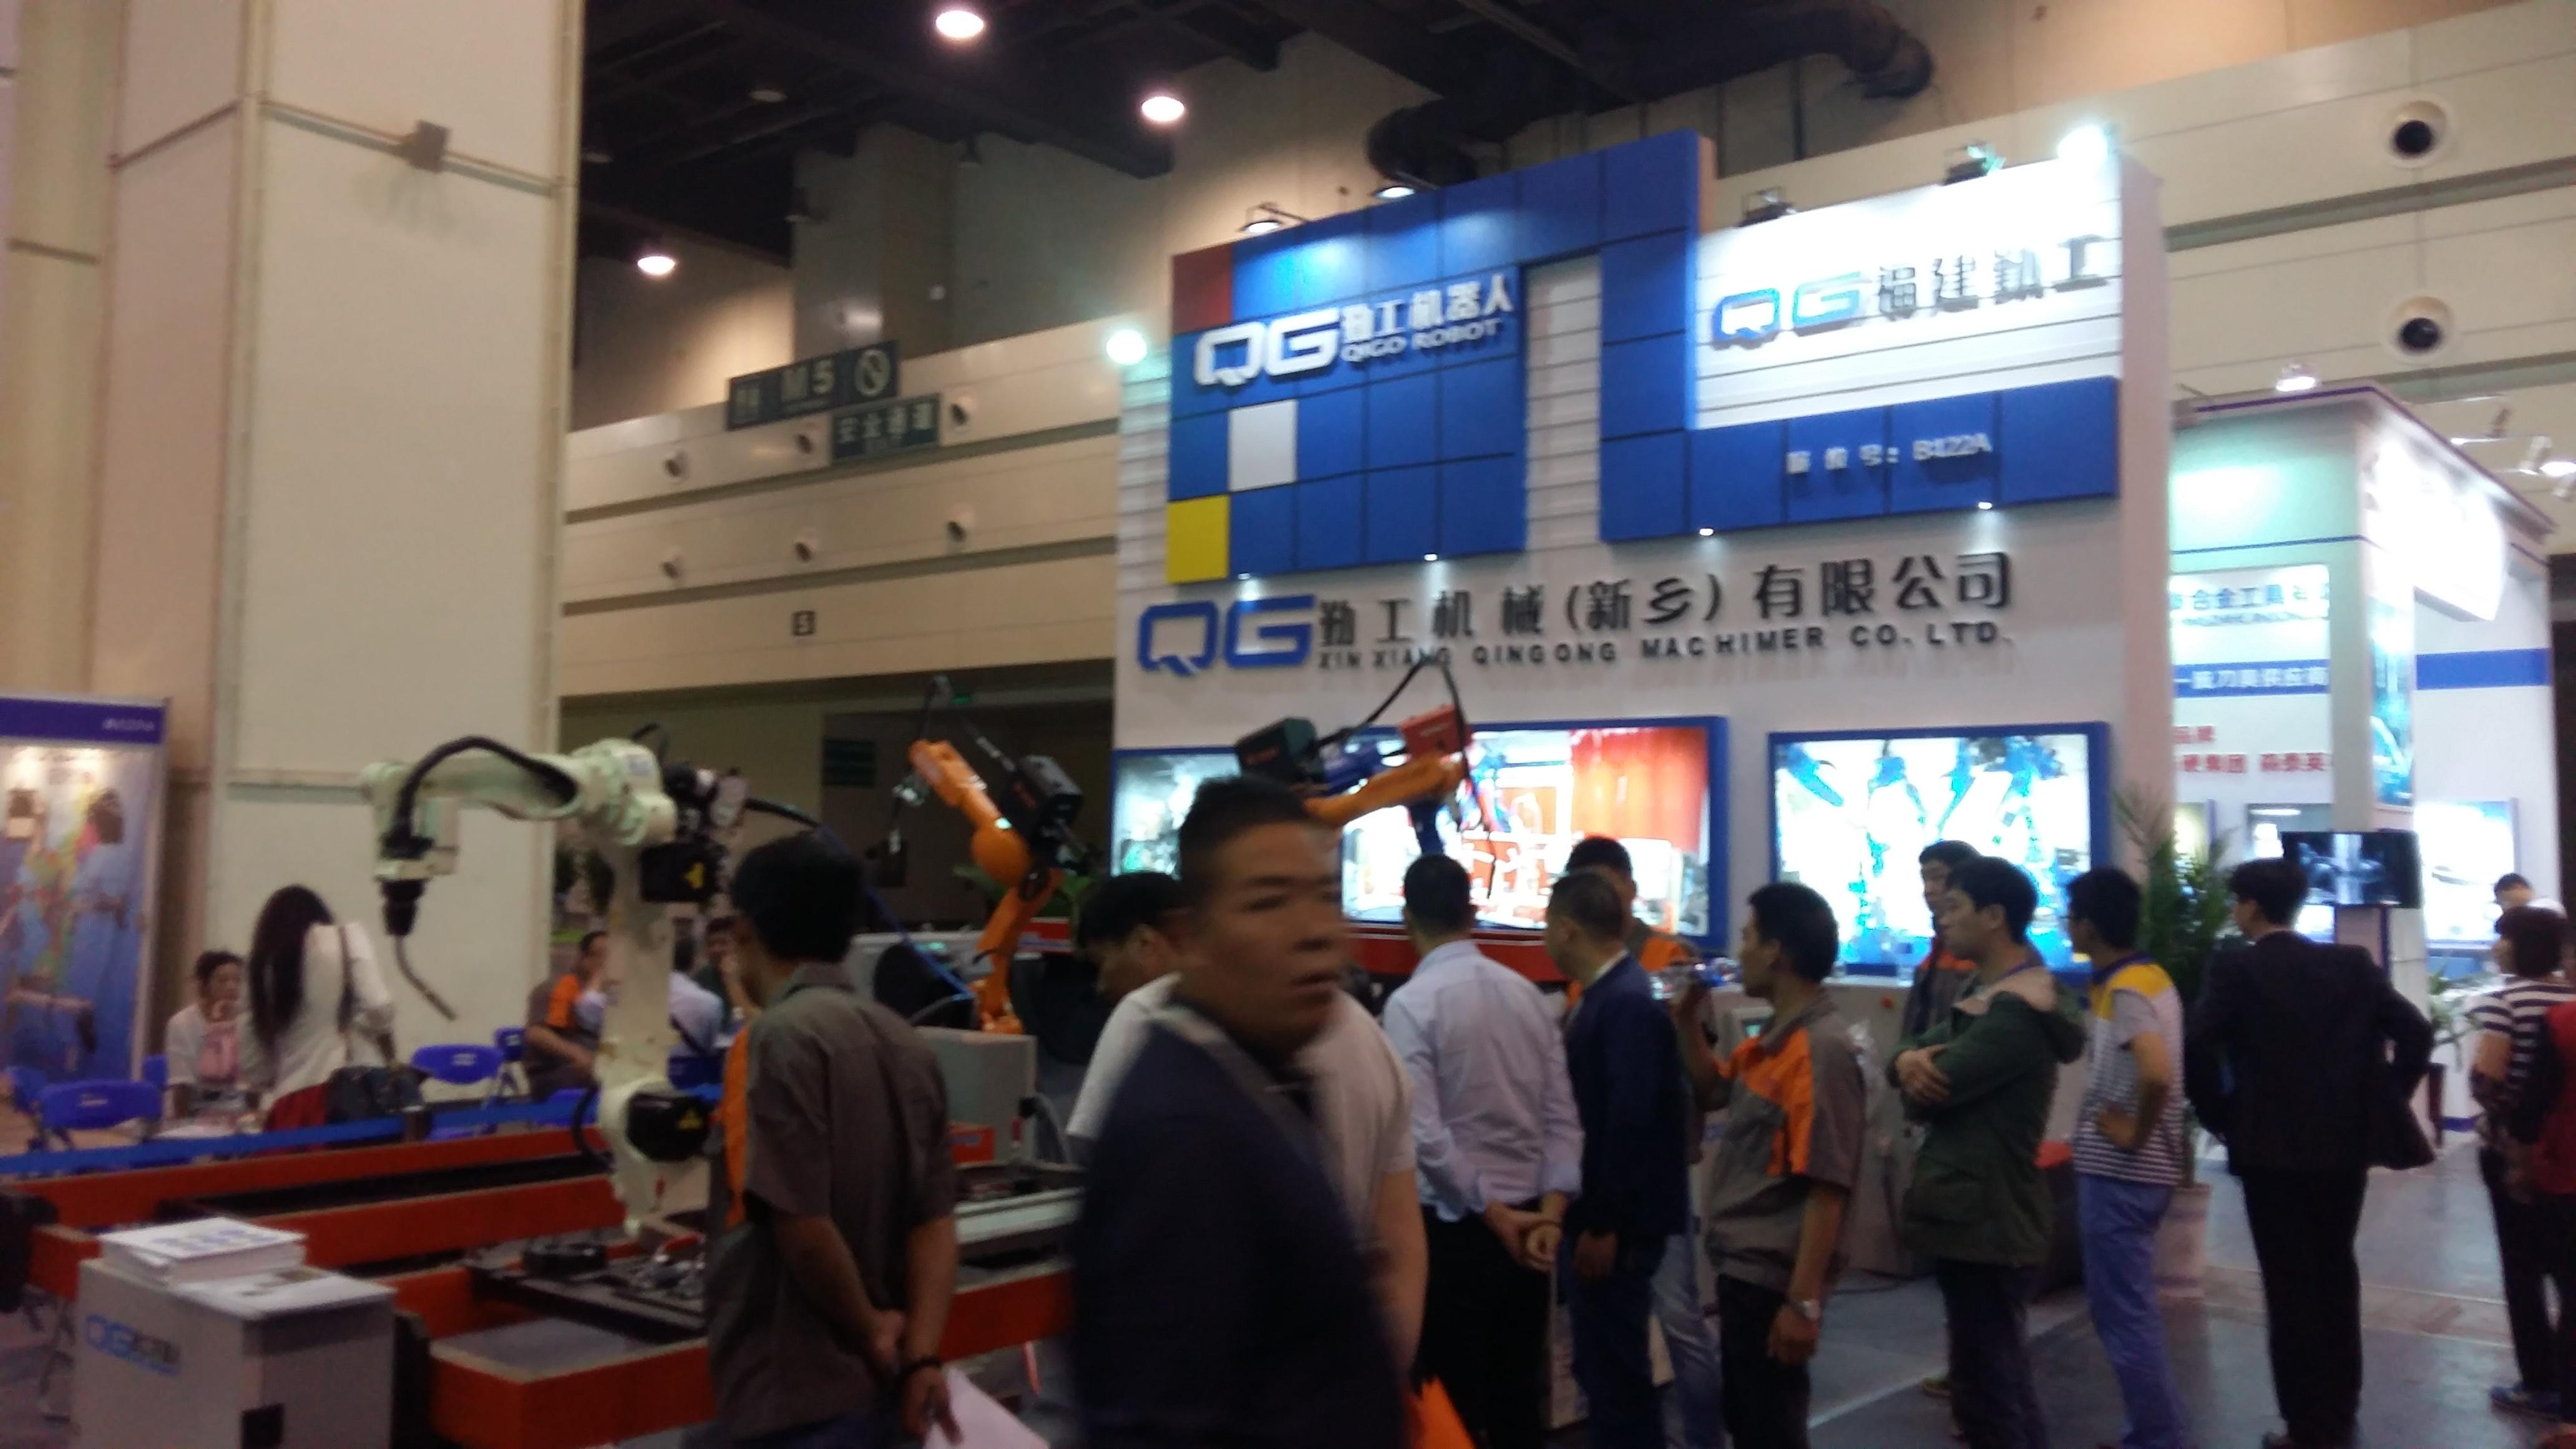 2018年北京环境监测与空气净化展览会